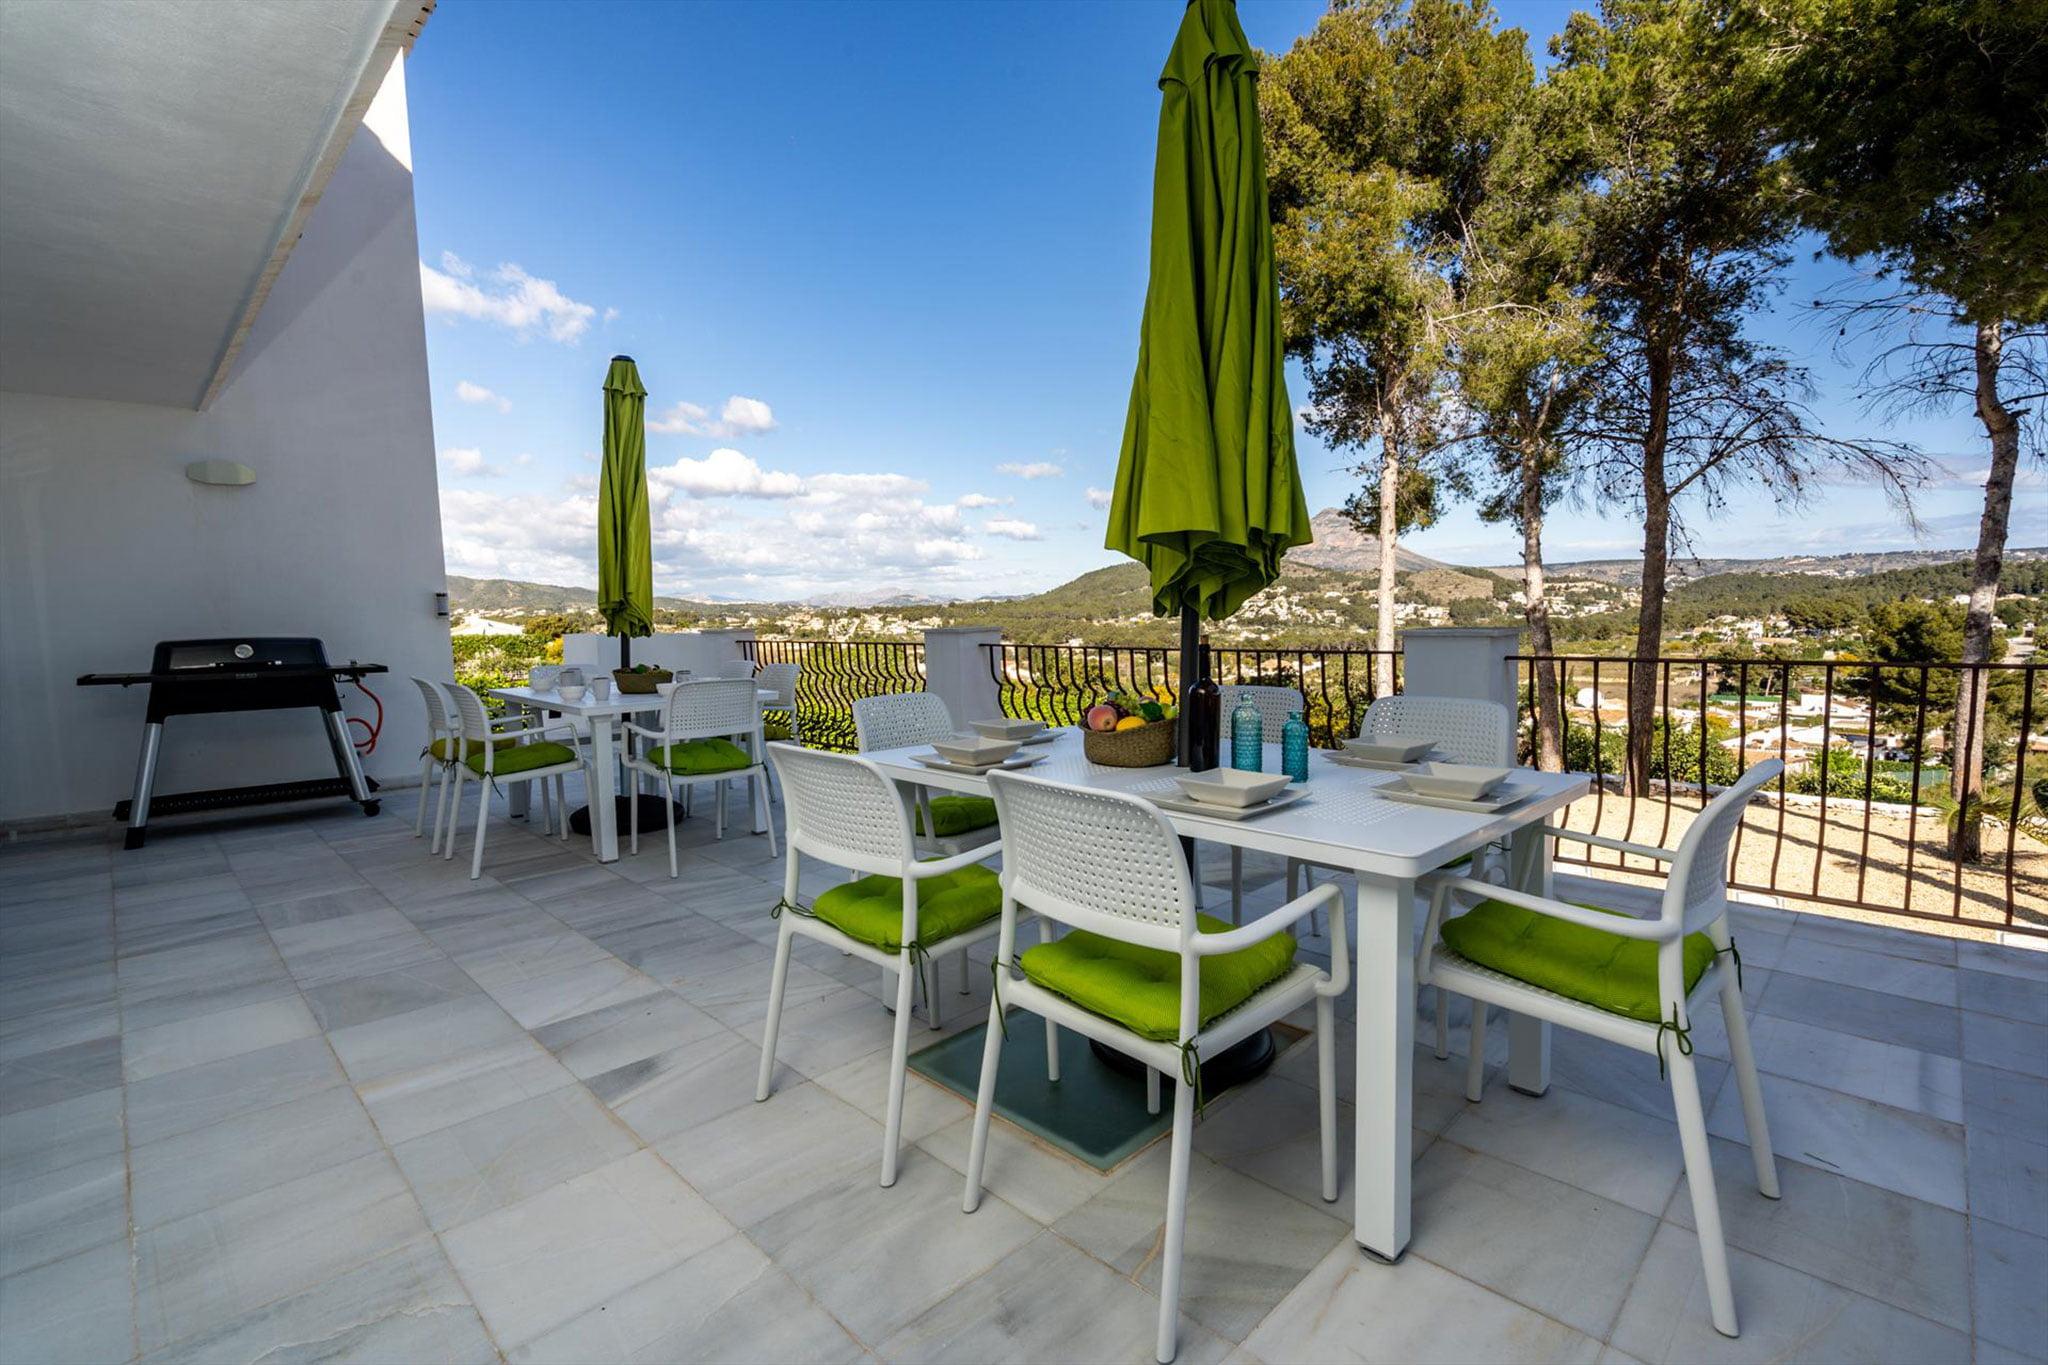 Terraza de una villa de alquiler vacacional en Jávea – Aguila Rent a Villa